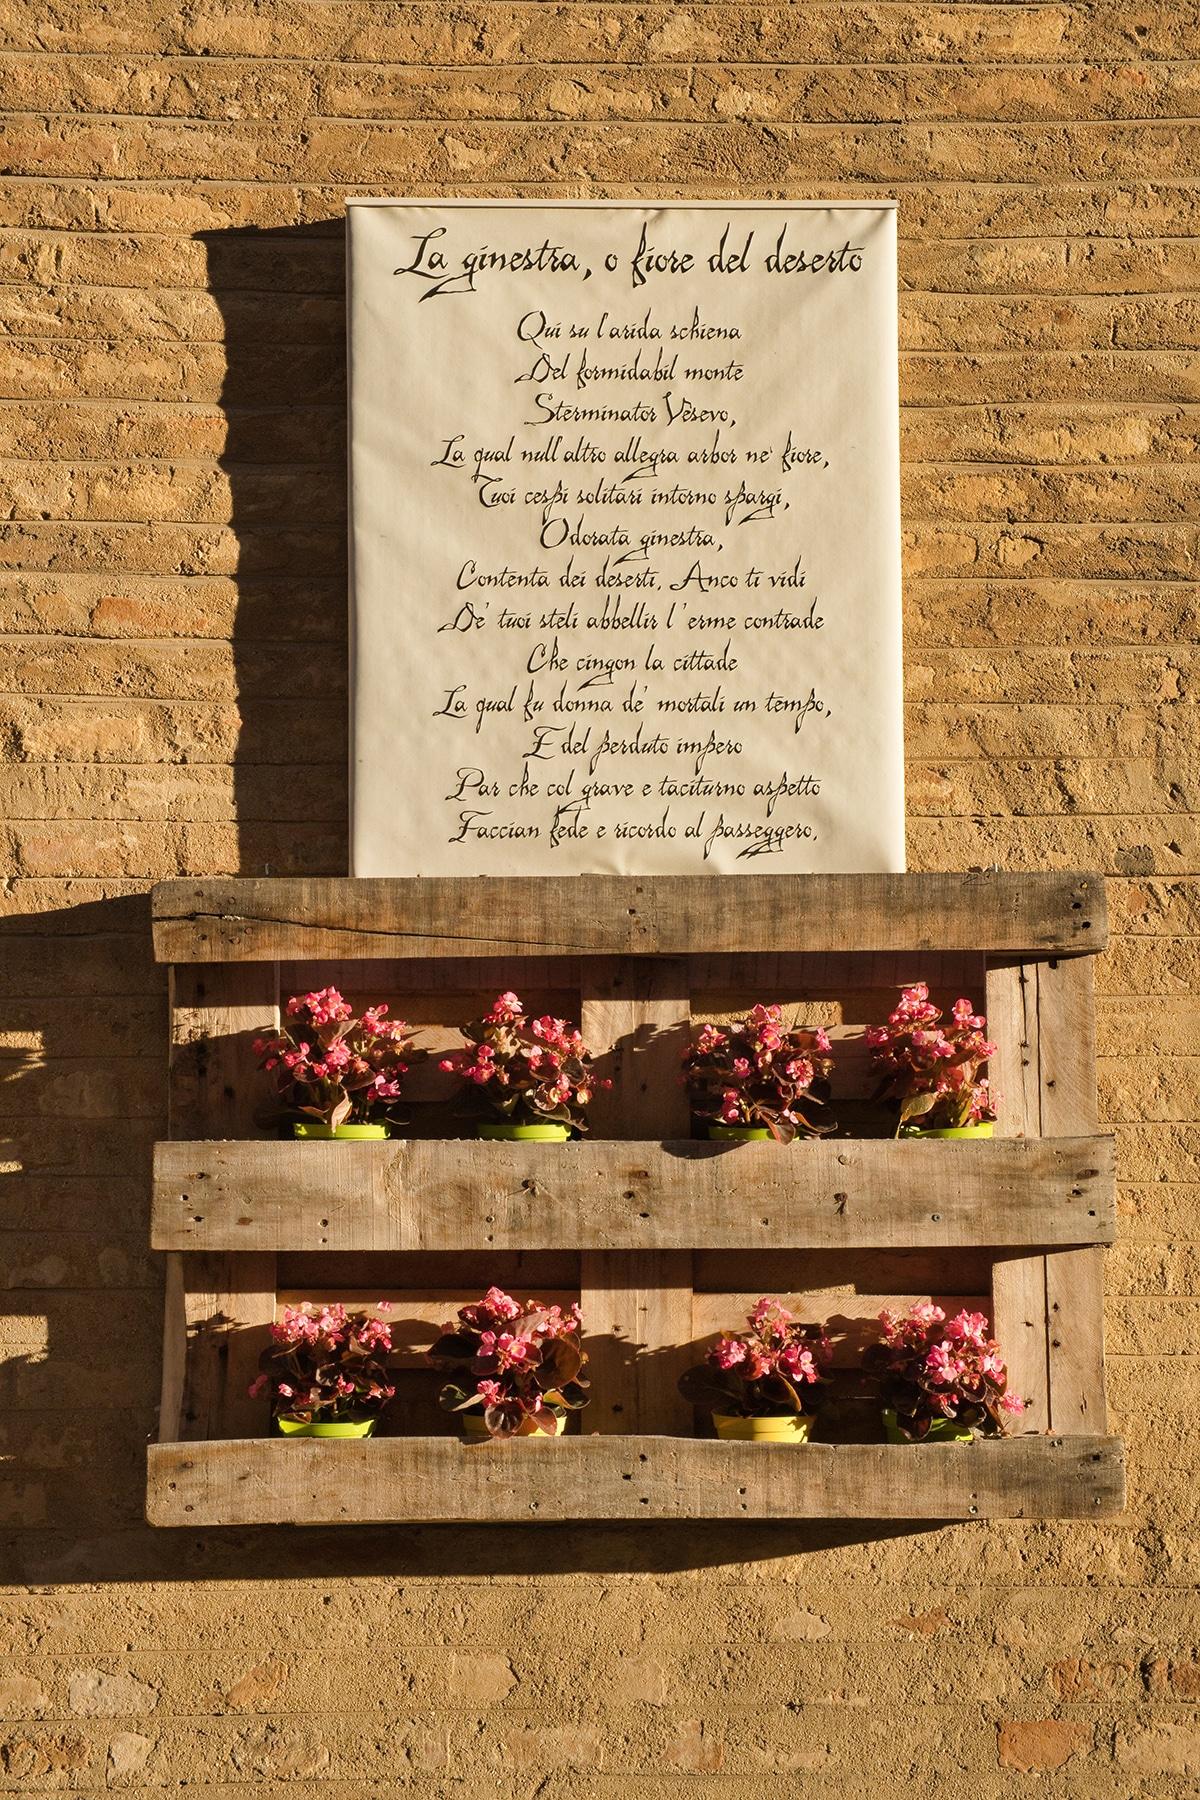 Poesie nel centro storico di Recanati